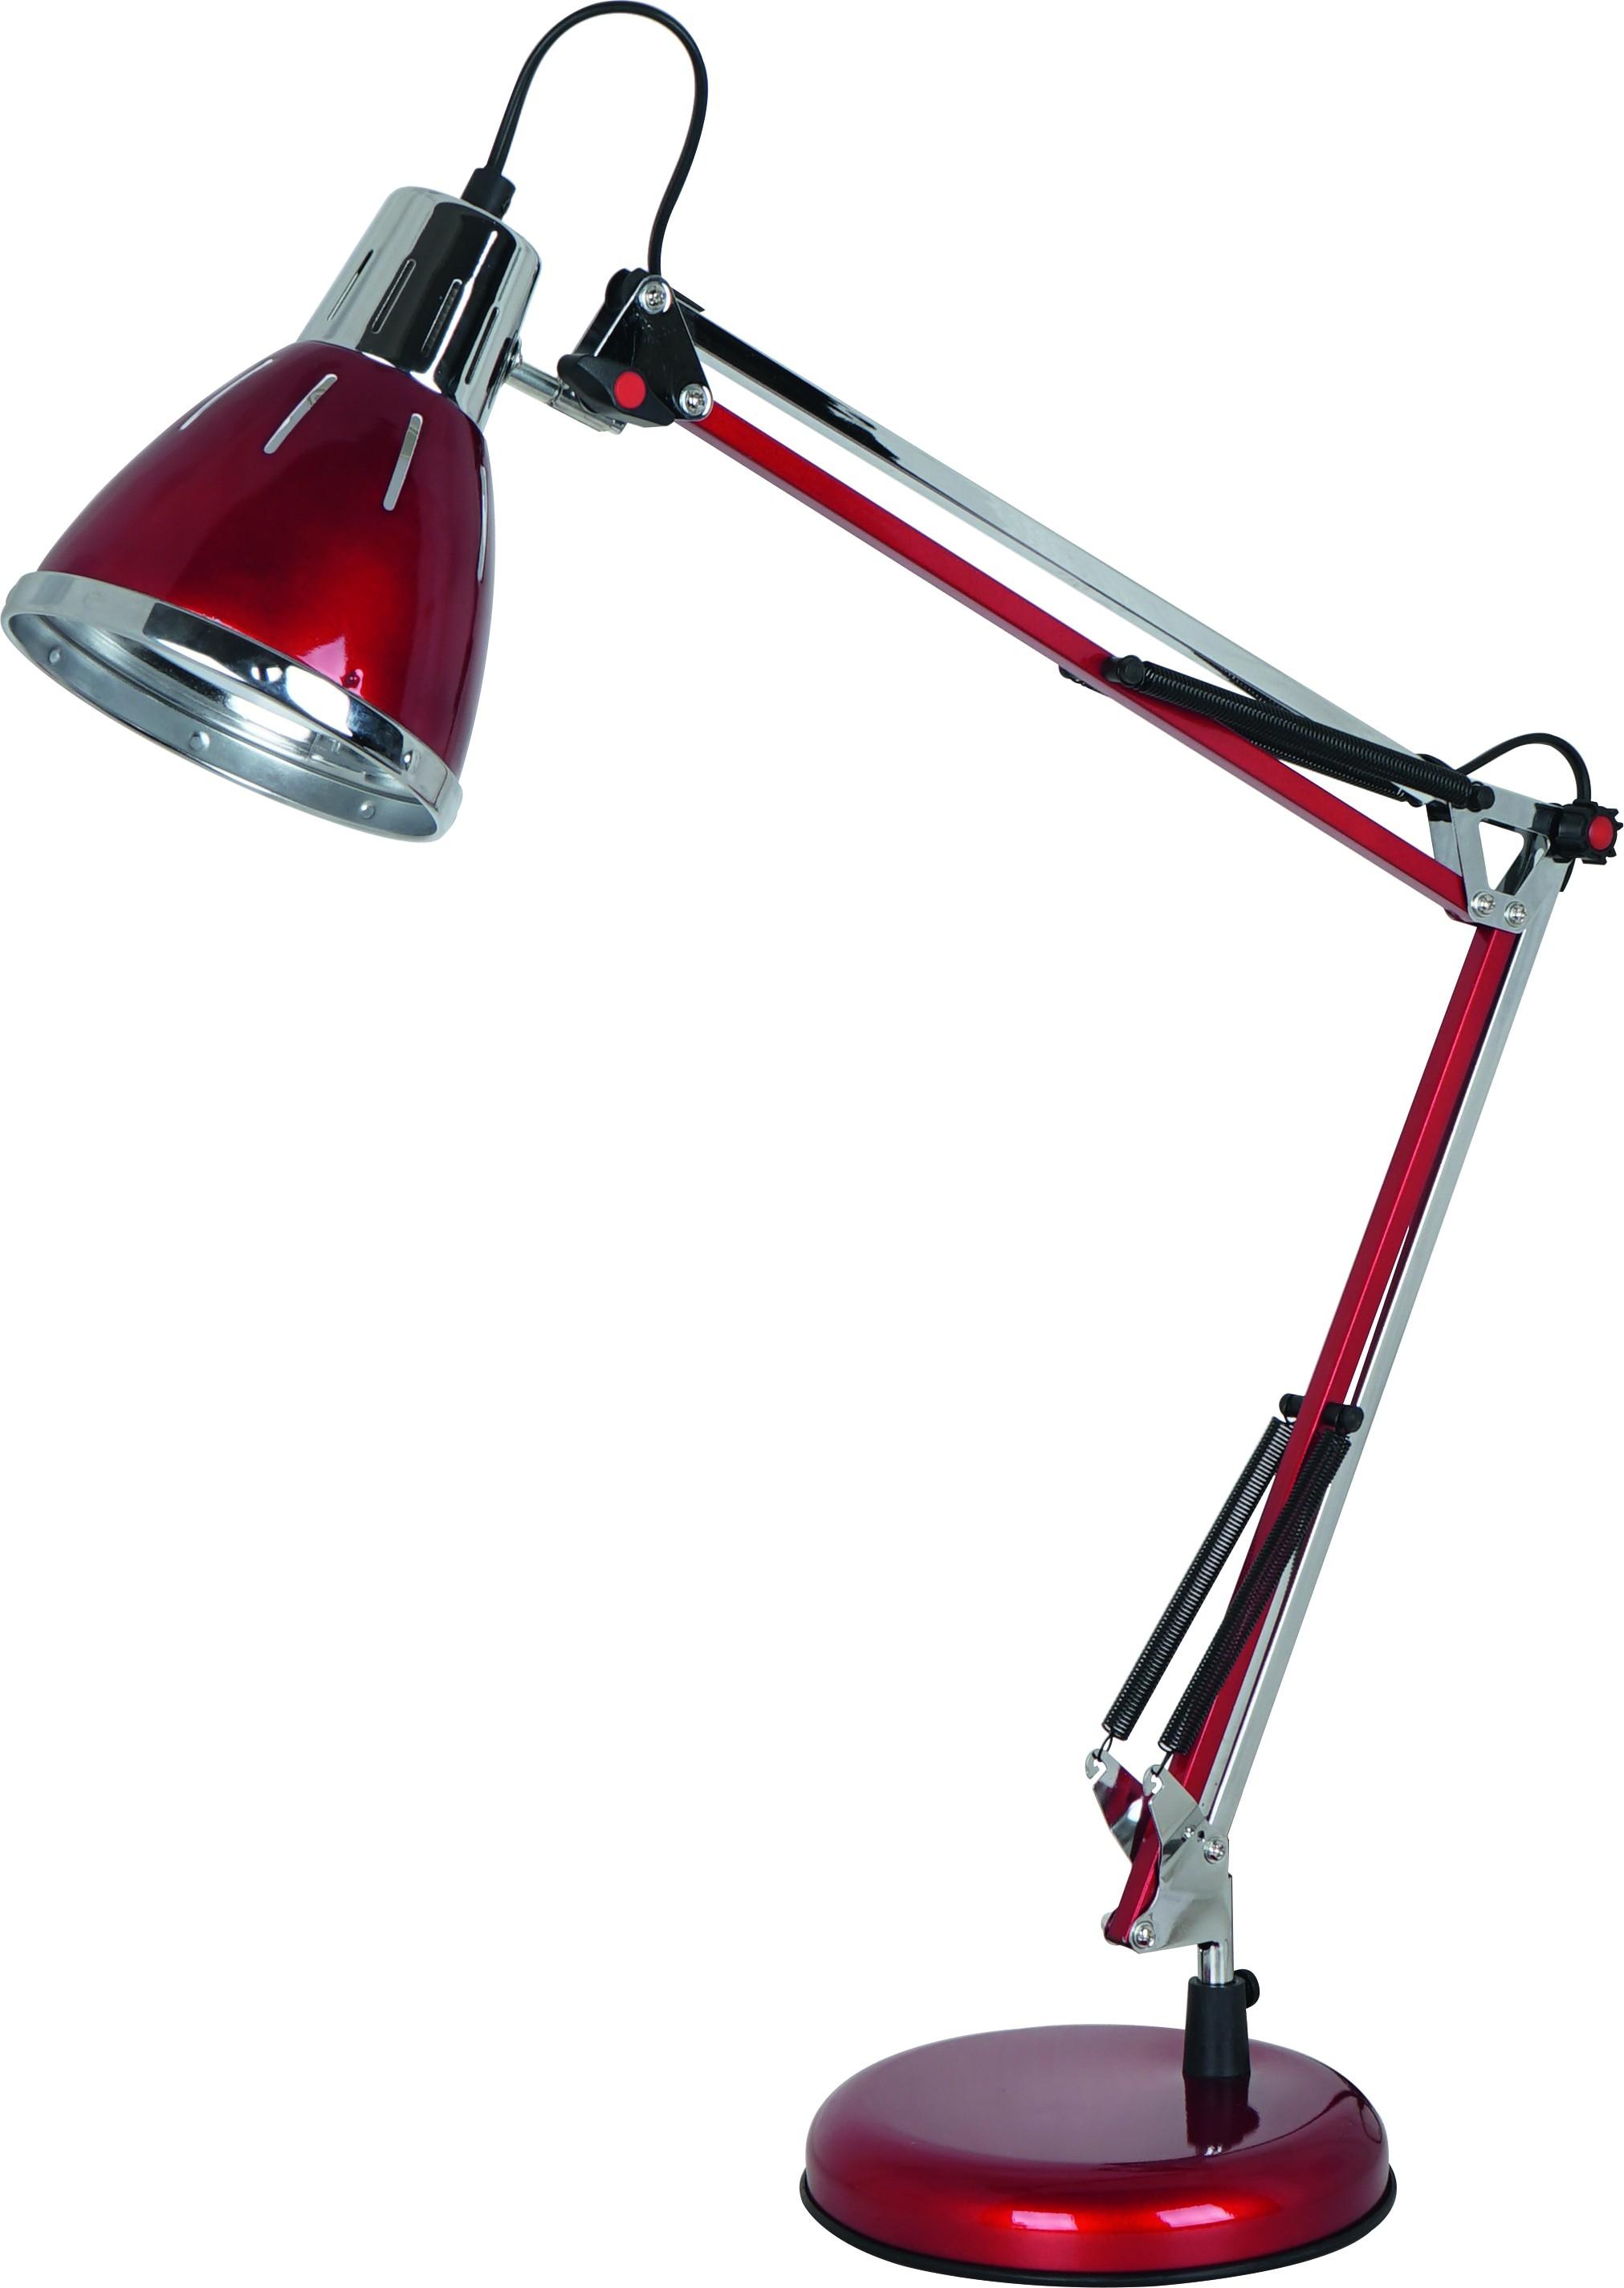 Лампа настольная Arte lamp A2245lt-1rd